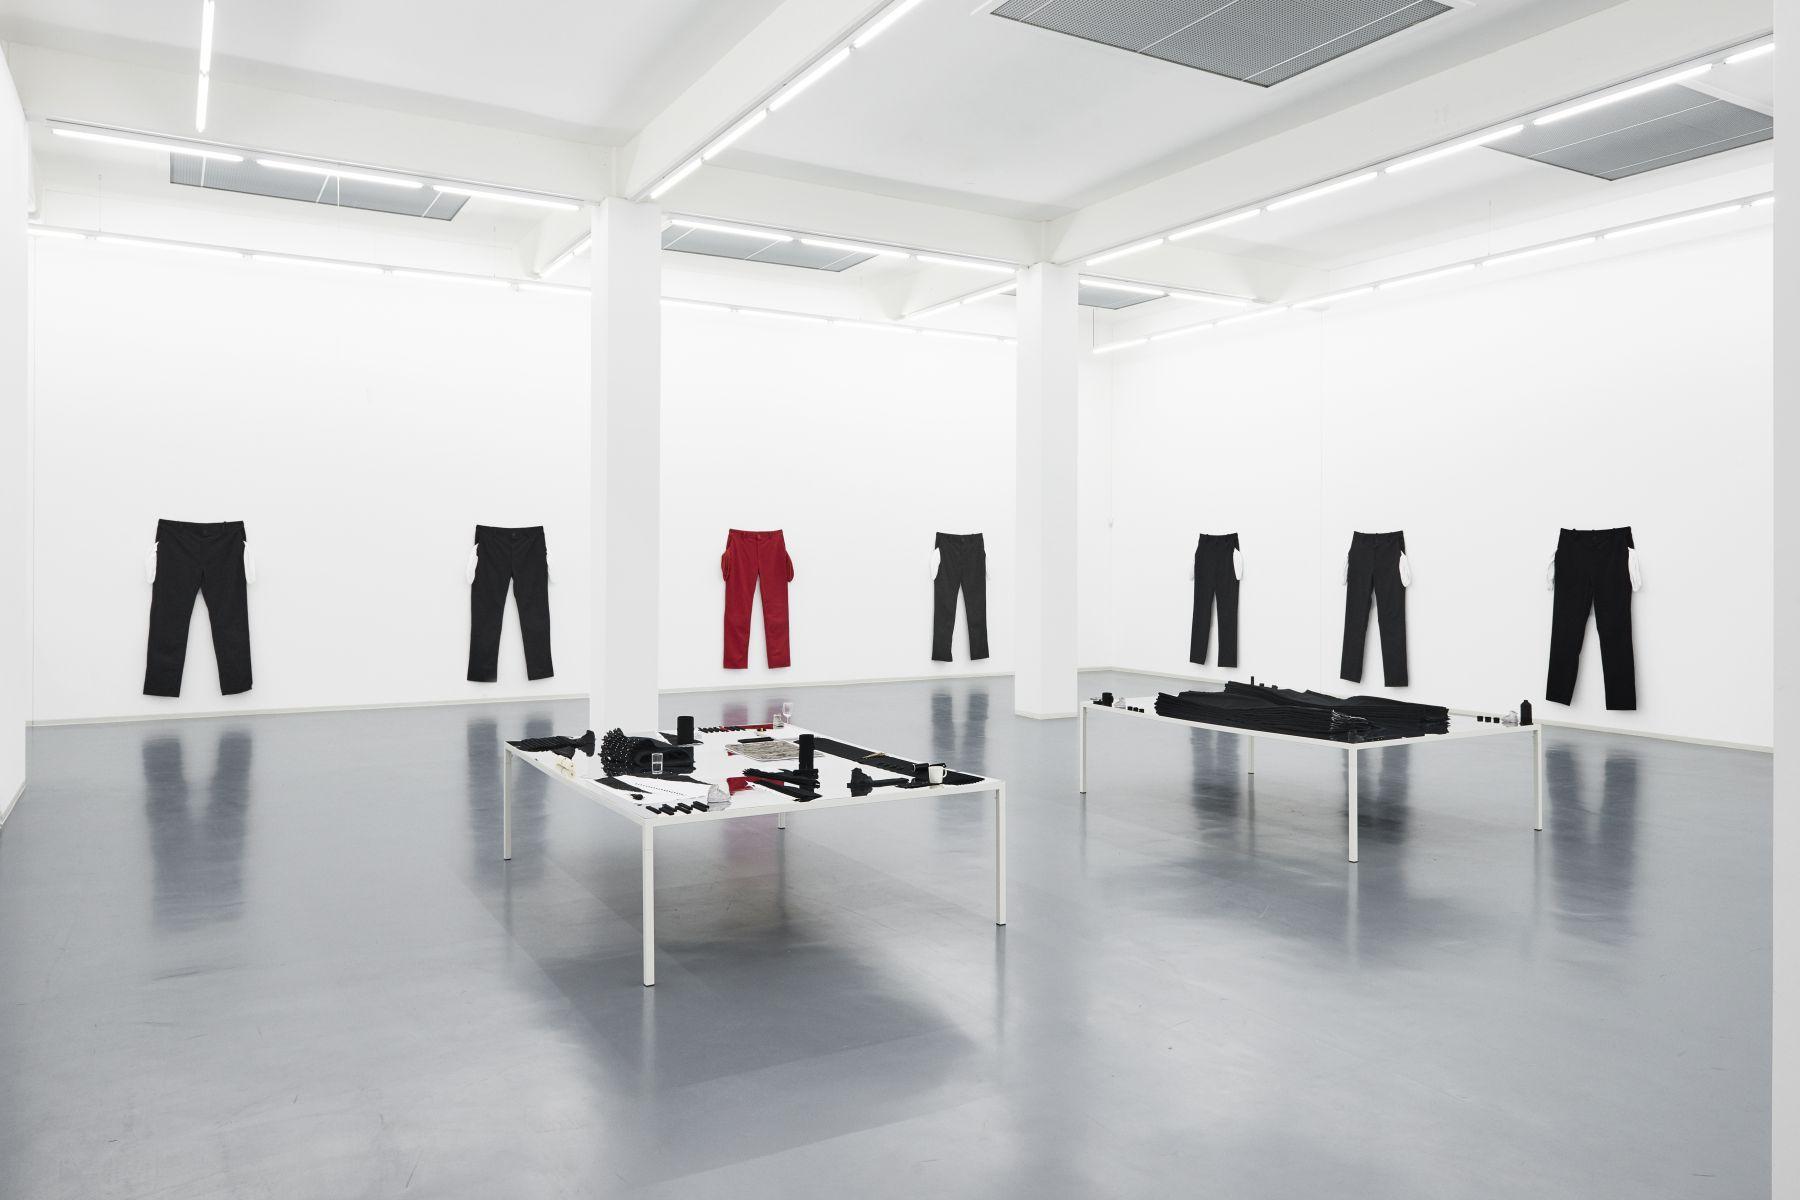 AMANDA ROSS-HO Installation view at Bonner Kunstverein, Bonn, Germany, 2017